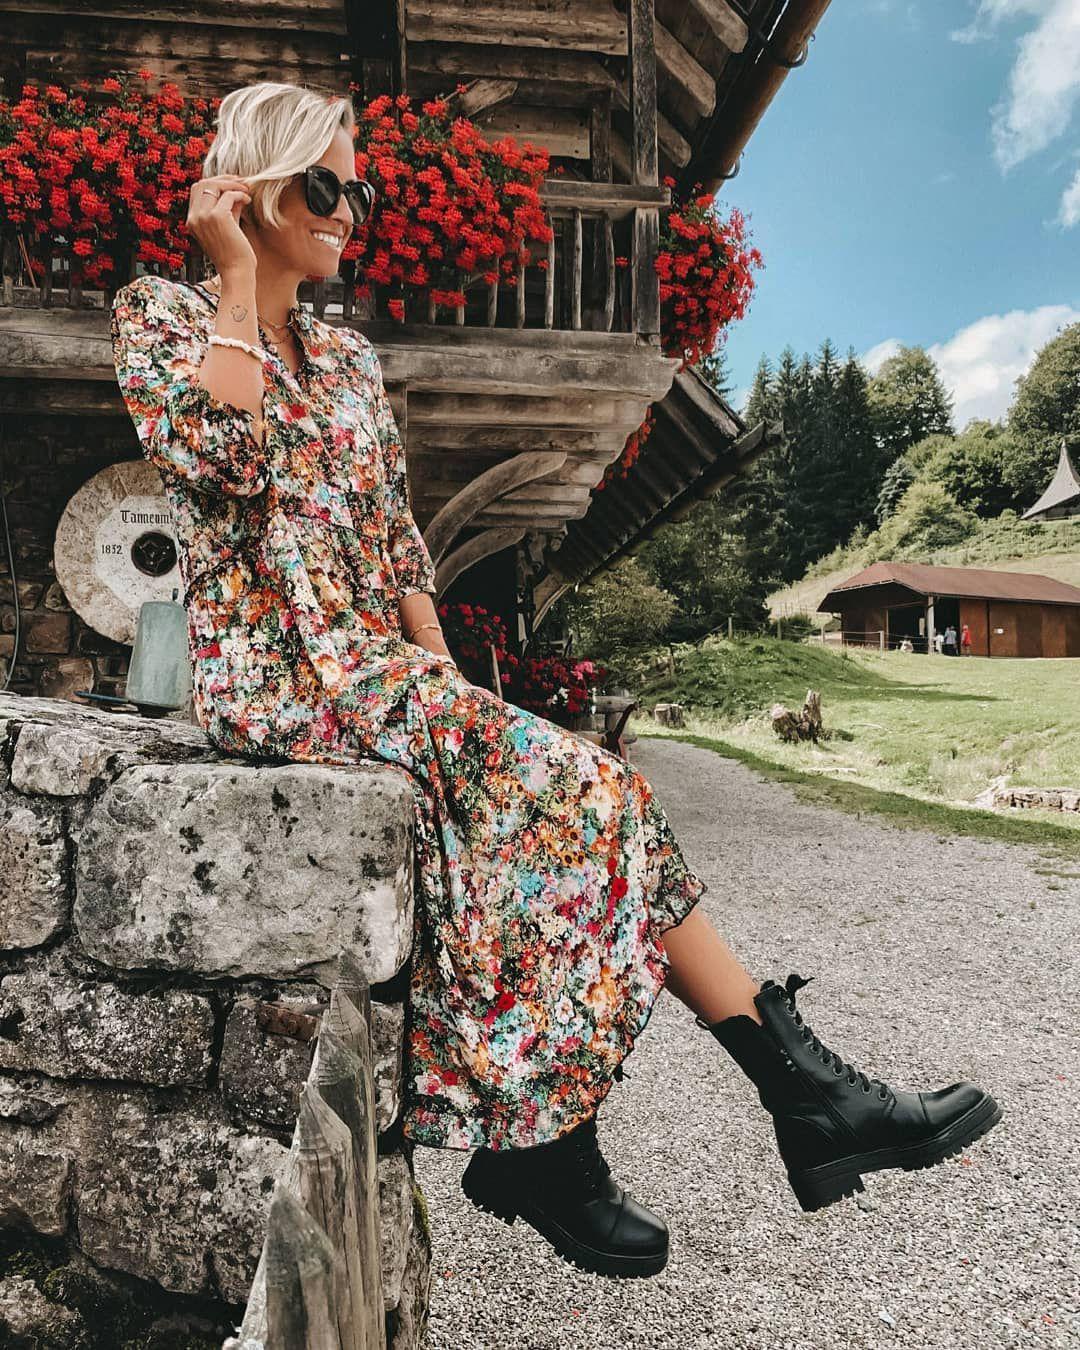 Cvjetne midi haljine apsolutni su hit! Izdvojili smo 15 najljepših iz high street ponude